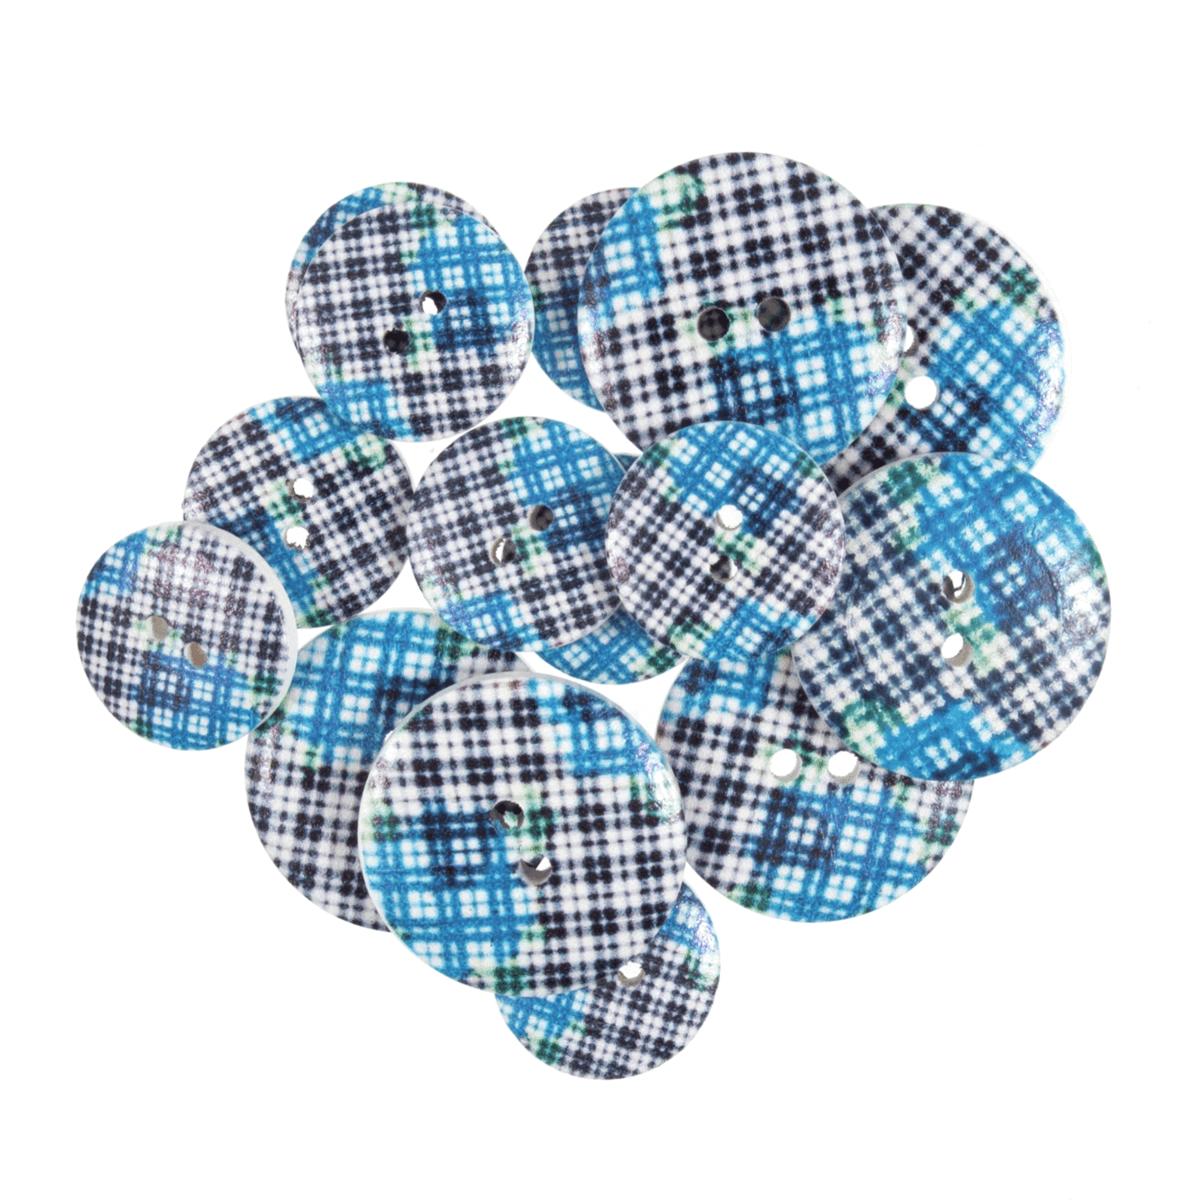 15 x Assorted Blue Check Tartan Craft Buttons 18mm - 25mm